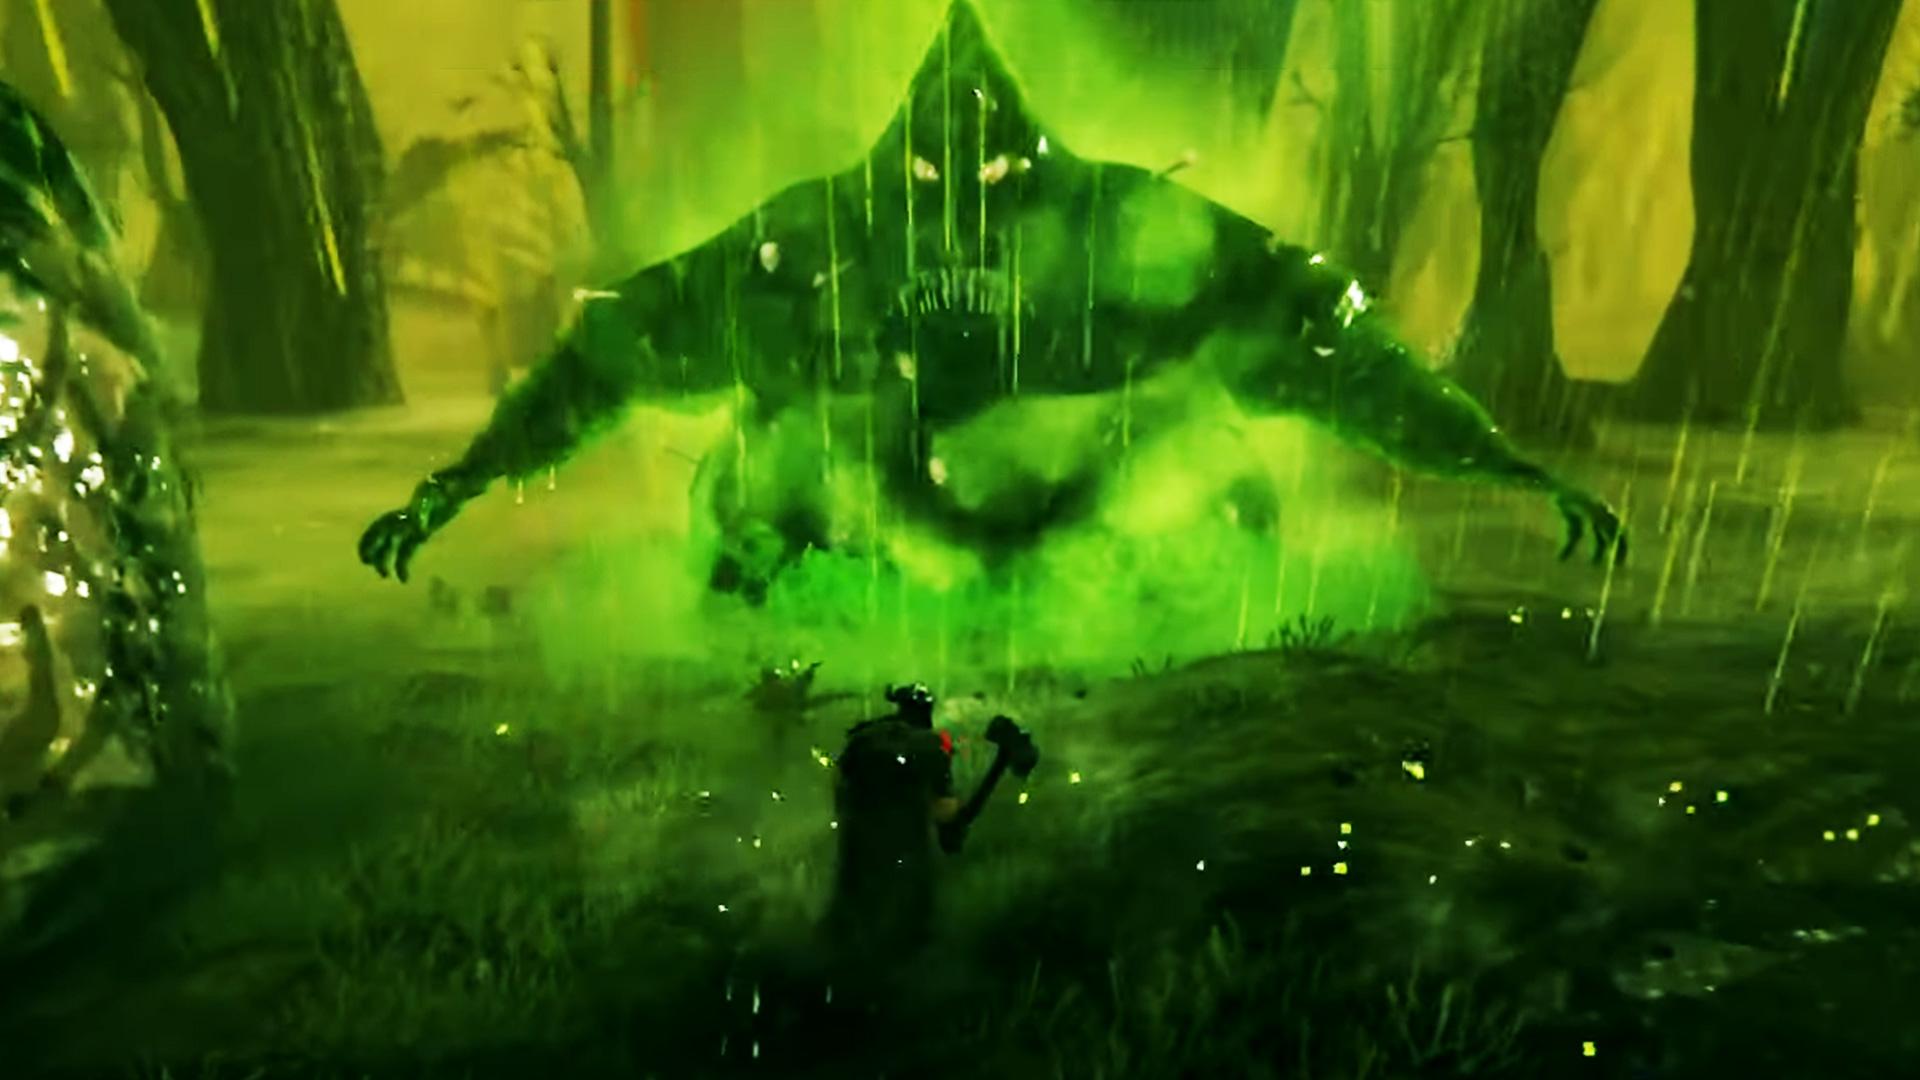 Valheim Bonemass boss guide – how to defeat the third boss